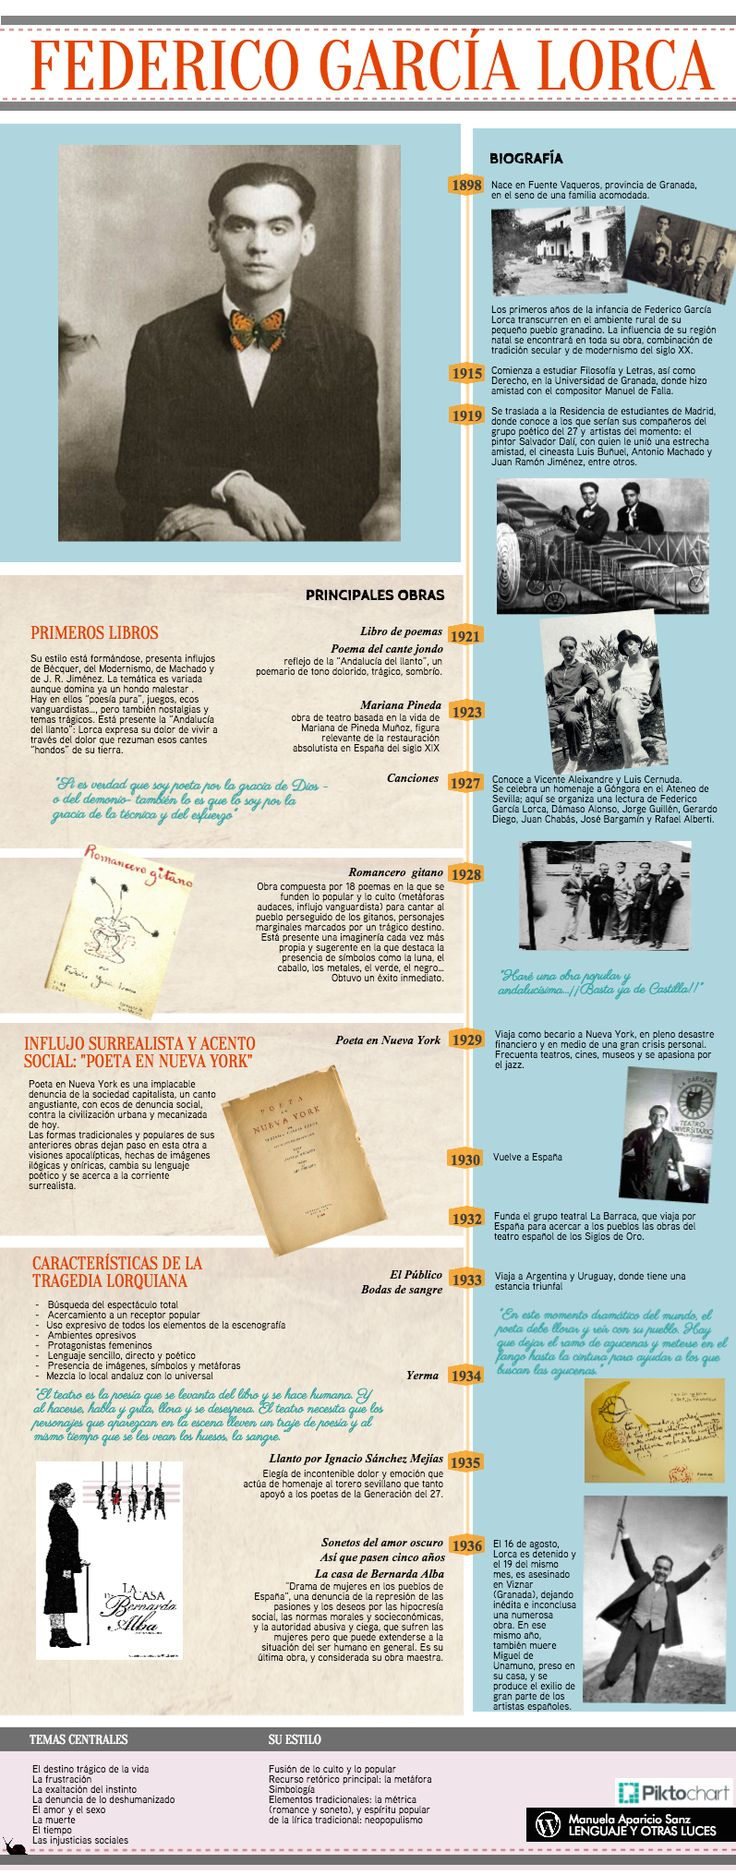 García Lorca. Biografía y principales obras. Temas centrales y estilo. Infografía. https://lenguajeyotrasluces.wordpress.com/